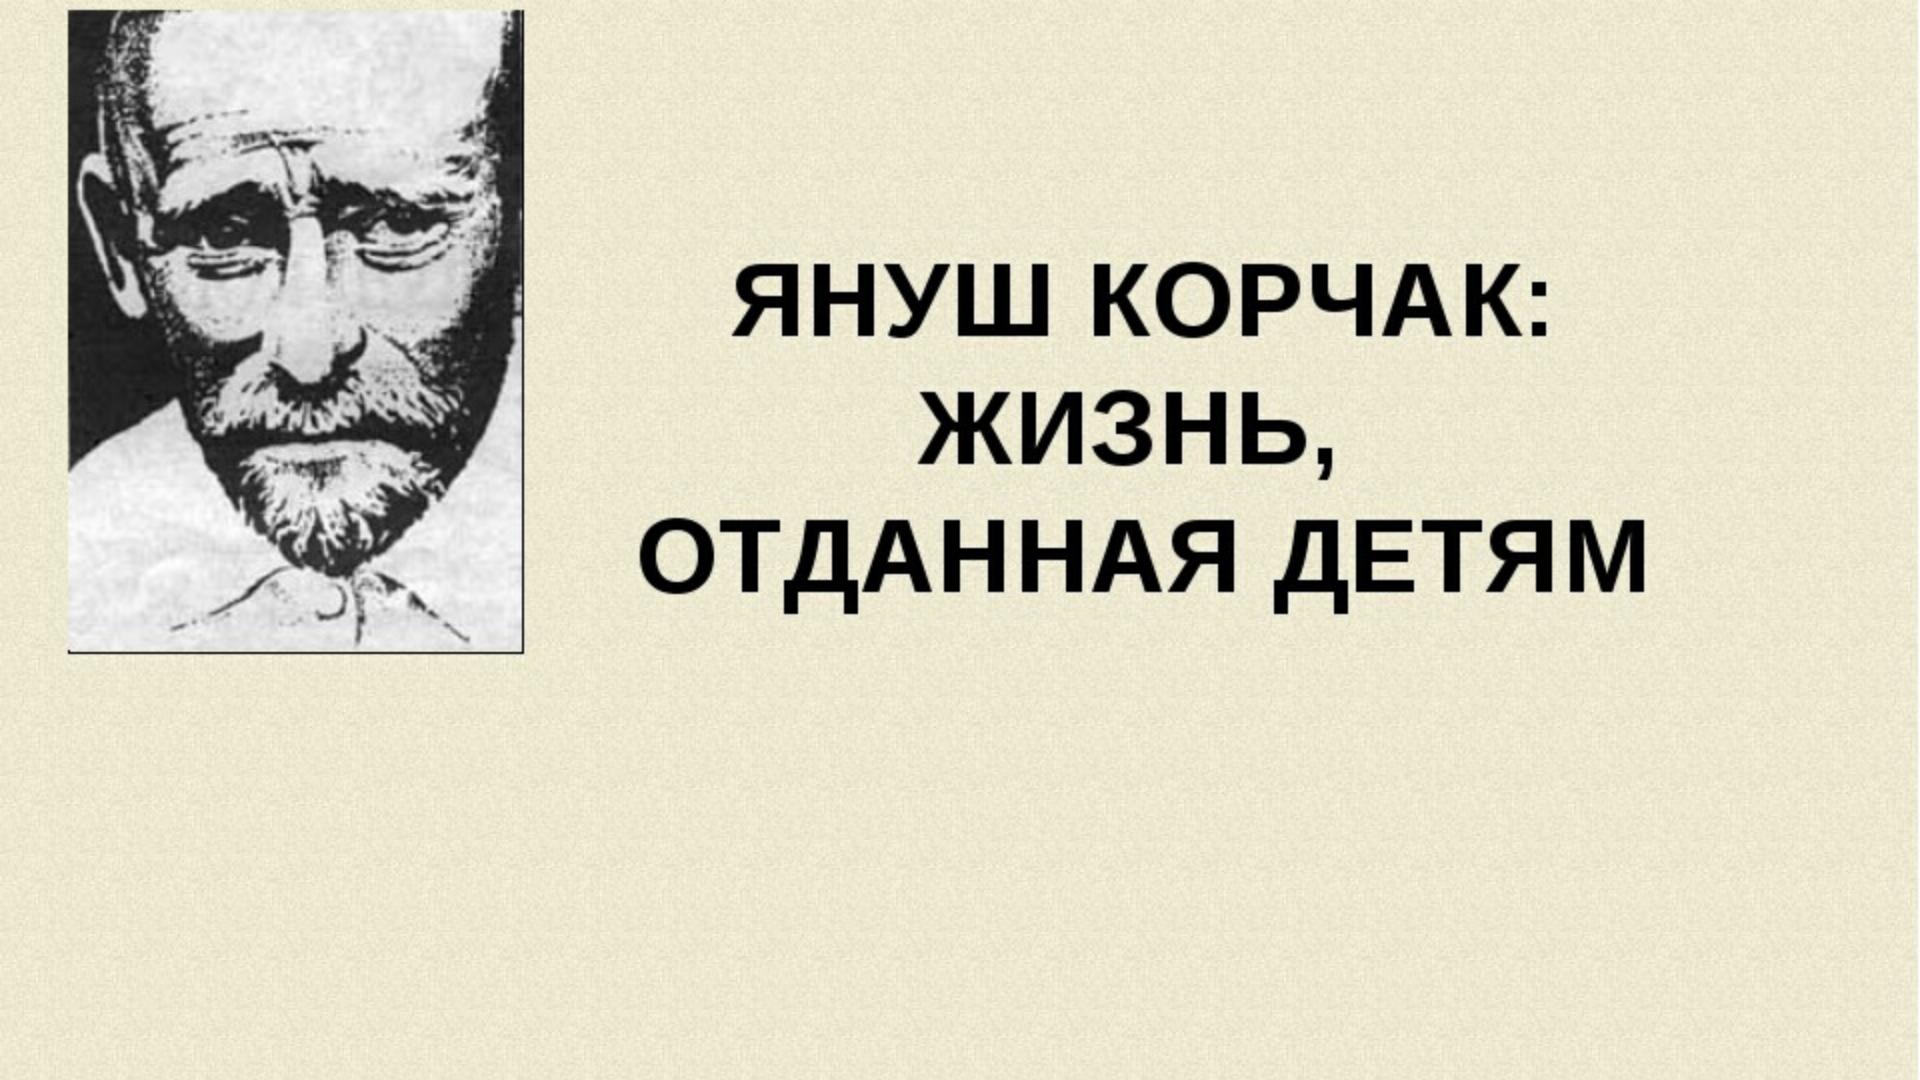 Беседа «Януш Корчак: жизнь, отданная детям»